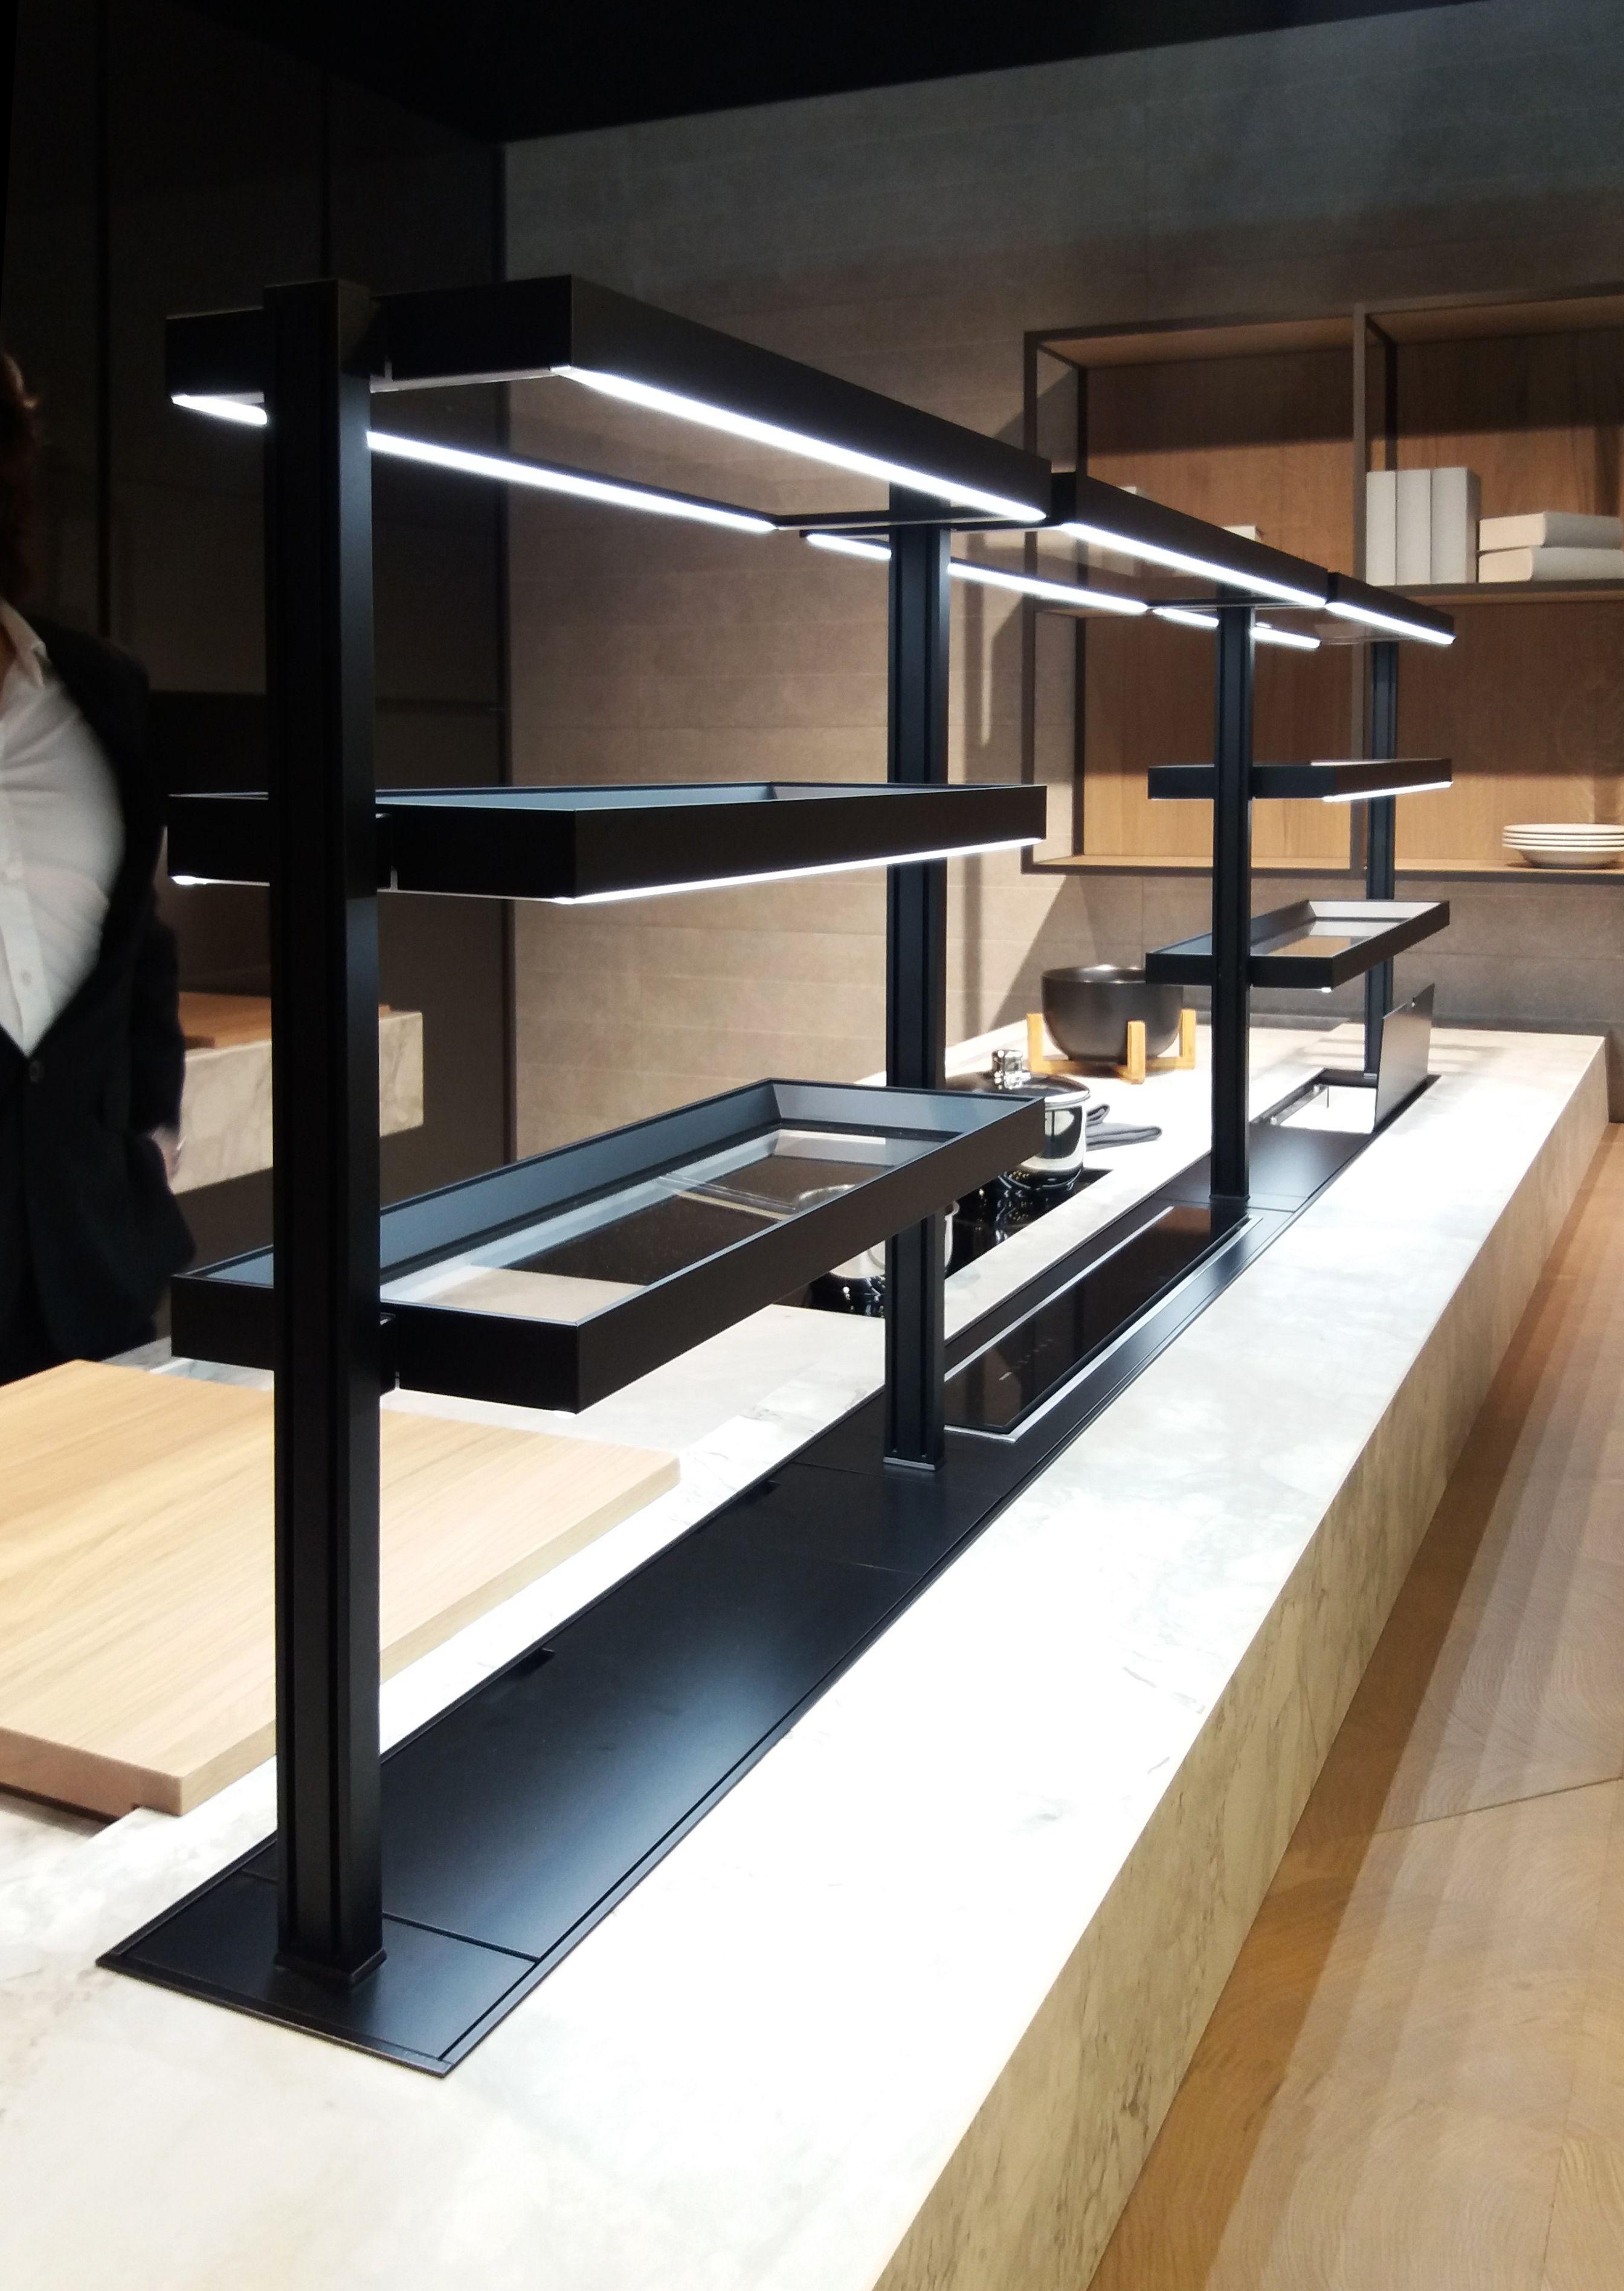 Mensole Cucina Per Canale Attrezzato Domusomnia Easyshelf Kitchen Modular Shelves